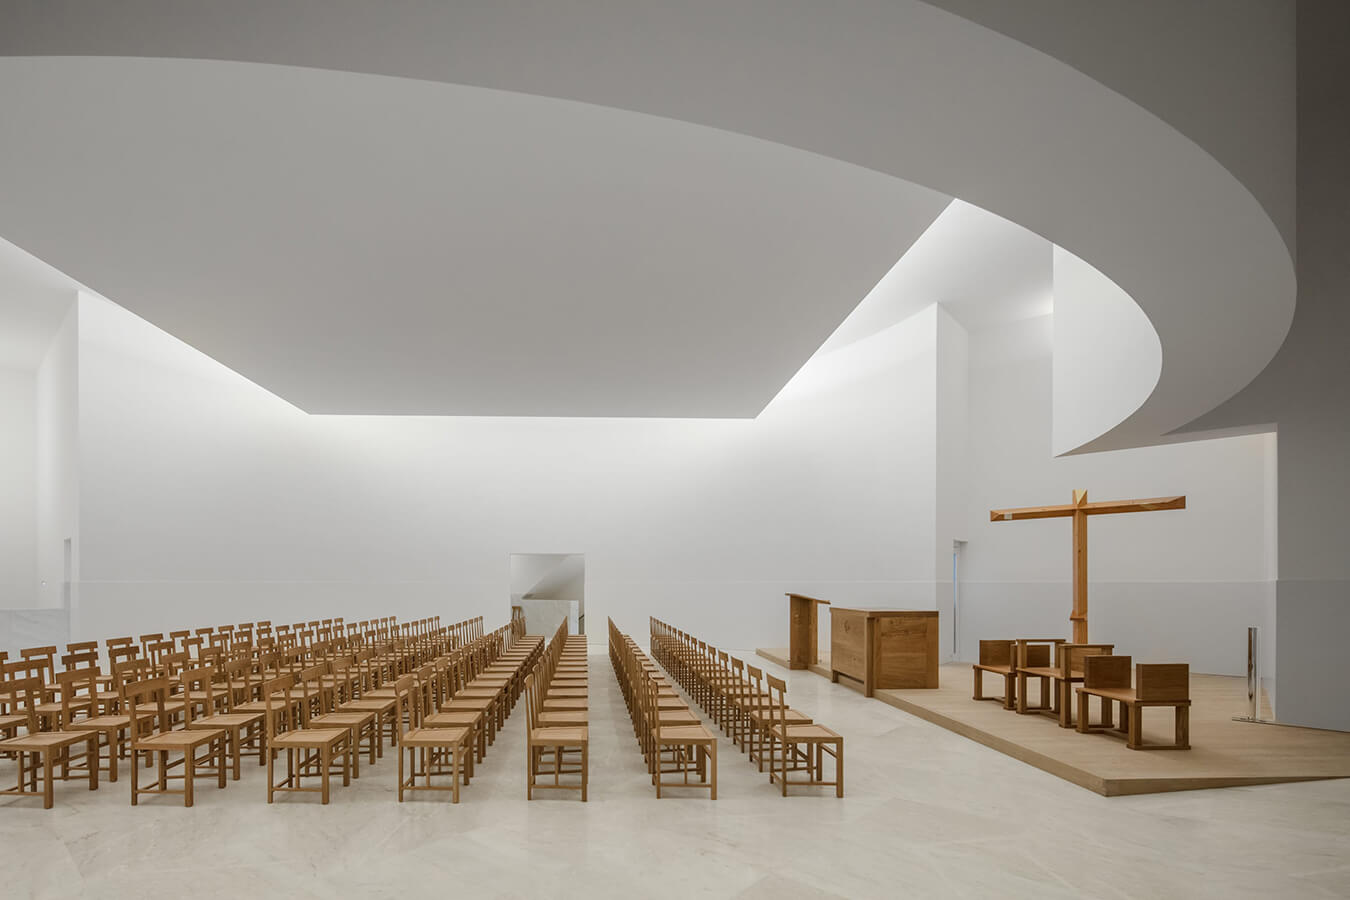 Iglesia de Álvaro Siza.